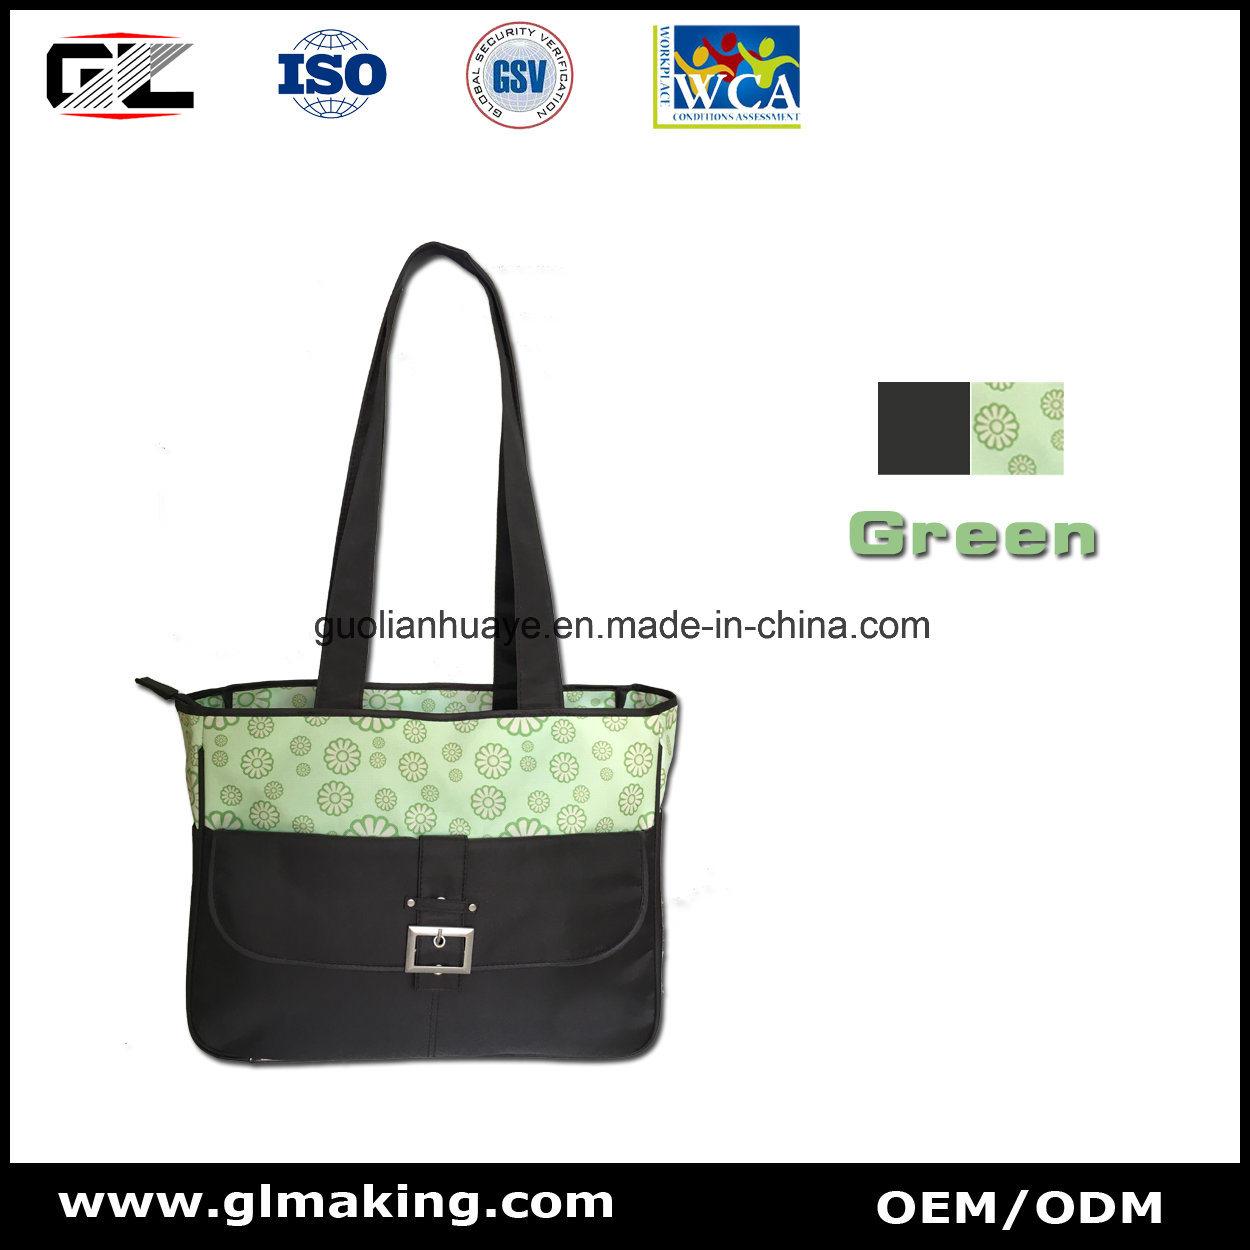 Gl023 Diaper Bag From OEM Manufacturer